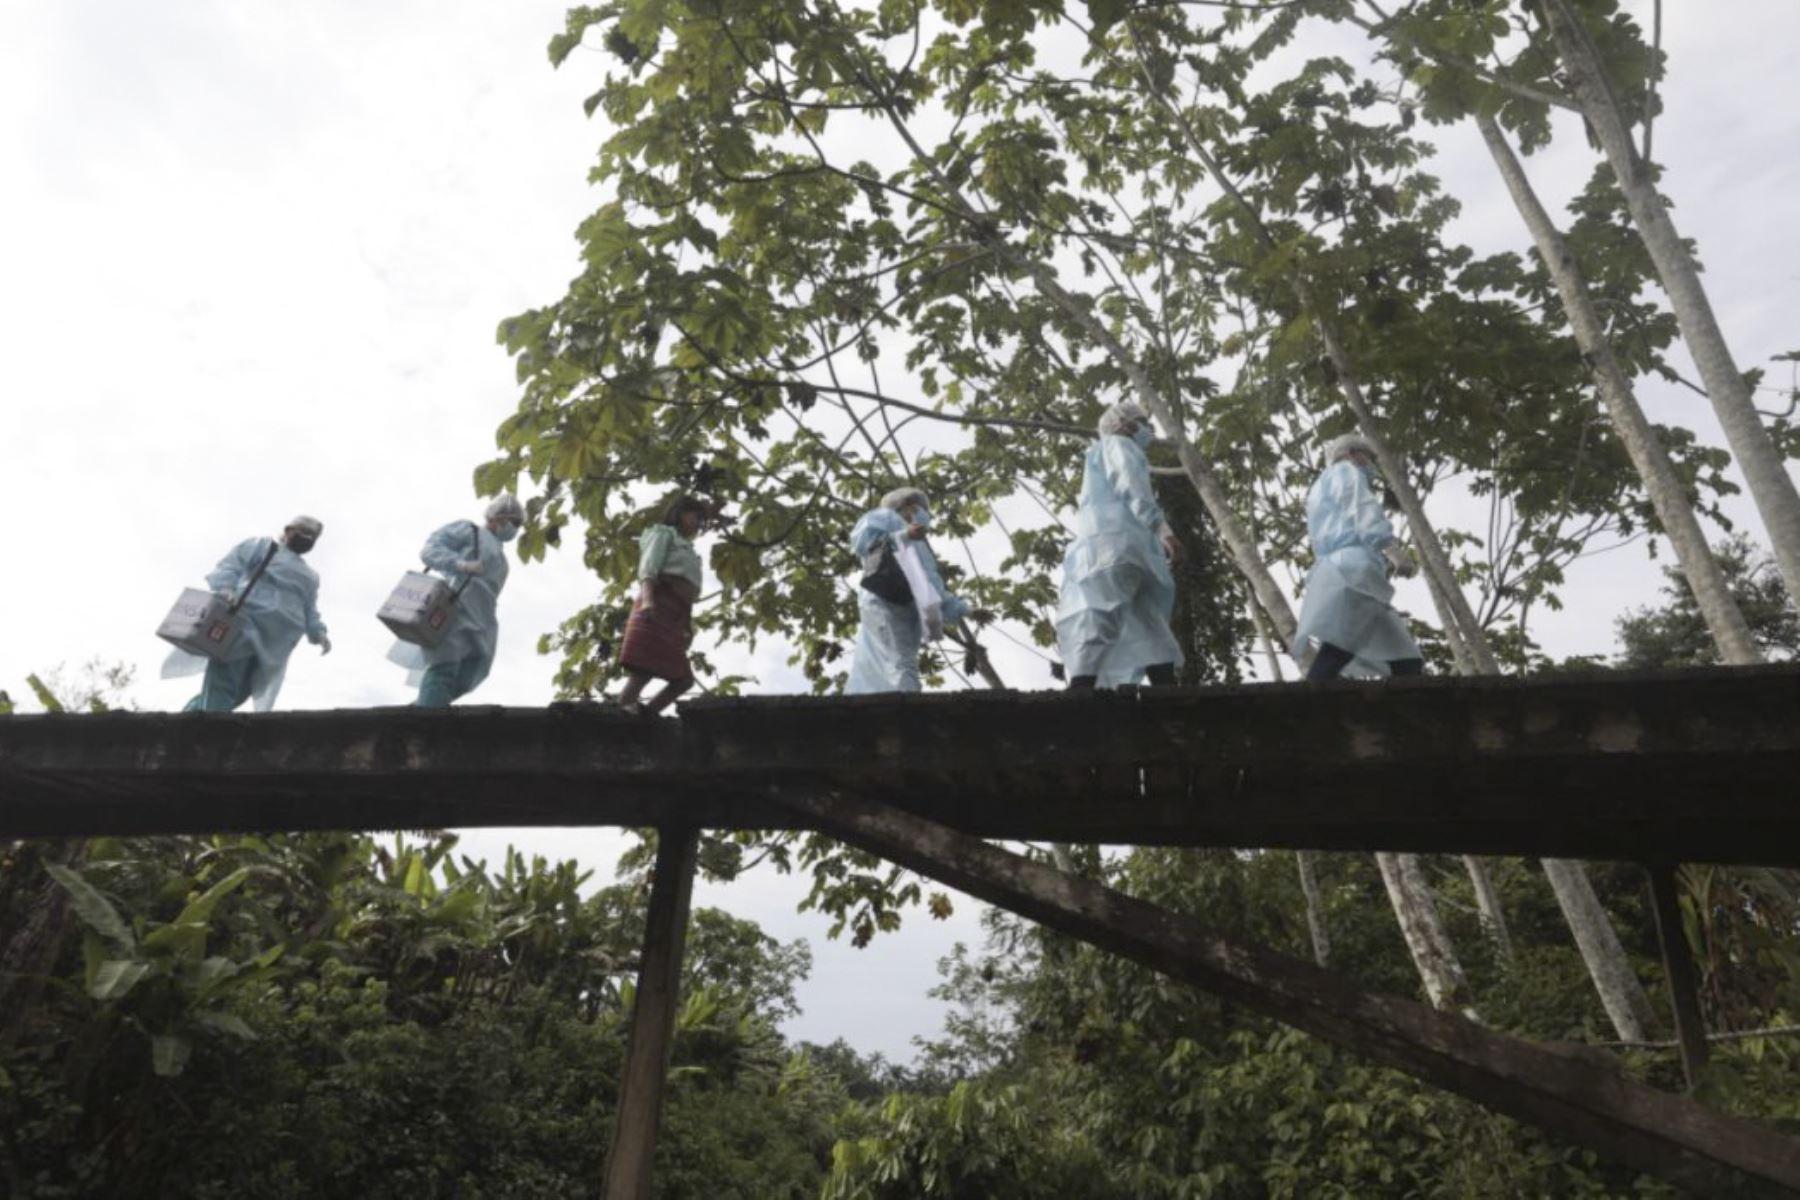 Brigadas de vacunación llegaron a la etnia Shawi, en el Alto Amazonas, para continuar inmunizando contra la covid-19 a la población de las zonas más alejadas del país. Foto: ANDINA/Minsa